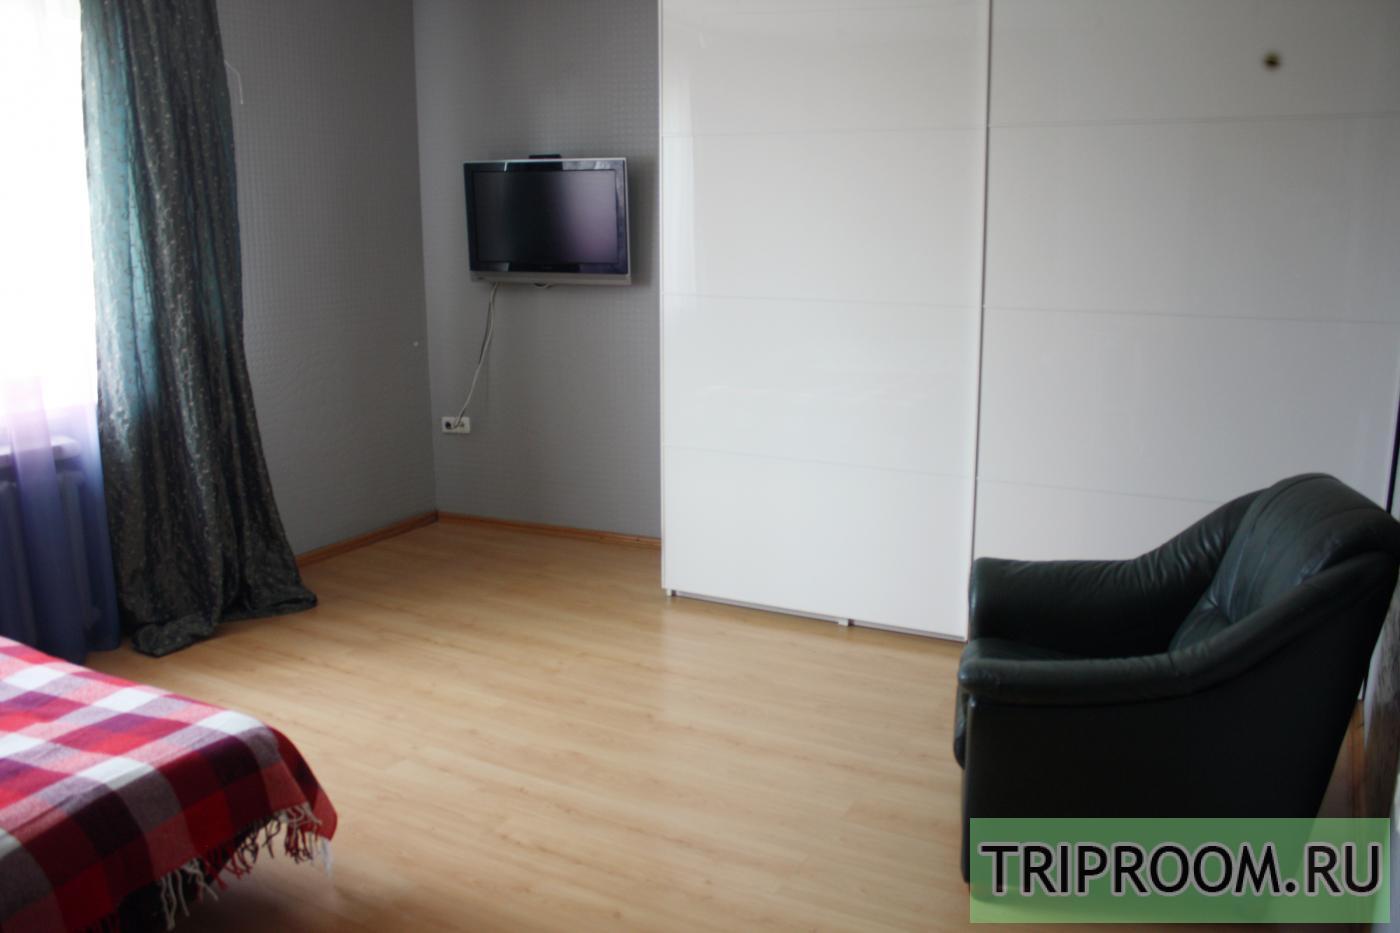 2-комнатная квартира посуточно (вариант № 16268), ул. Лесной проспект, фото № 7